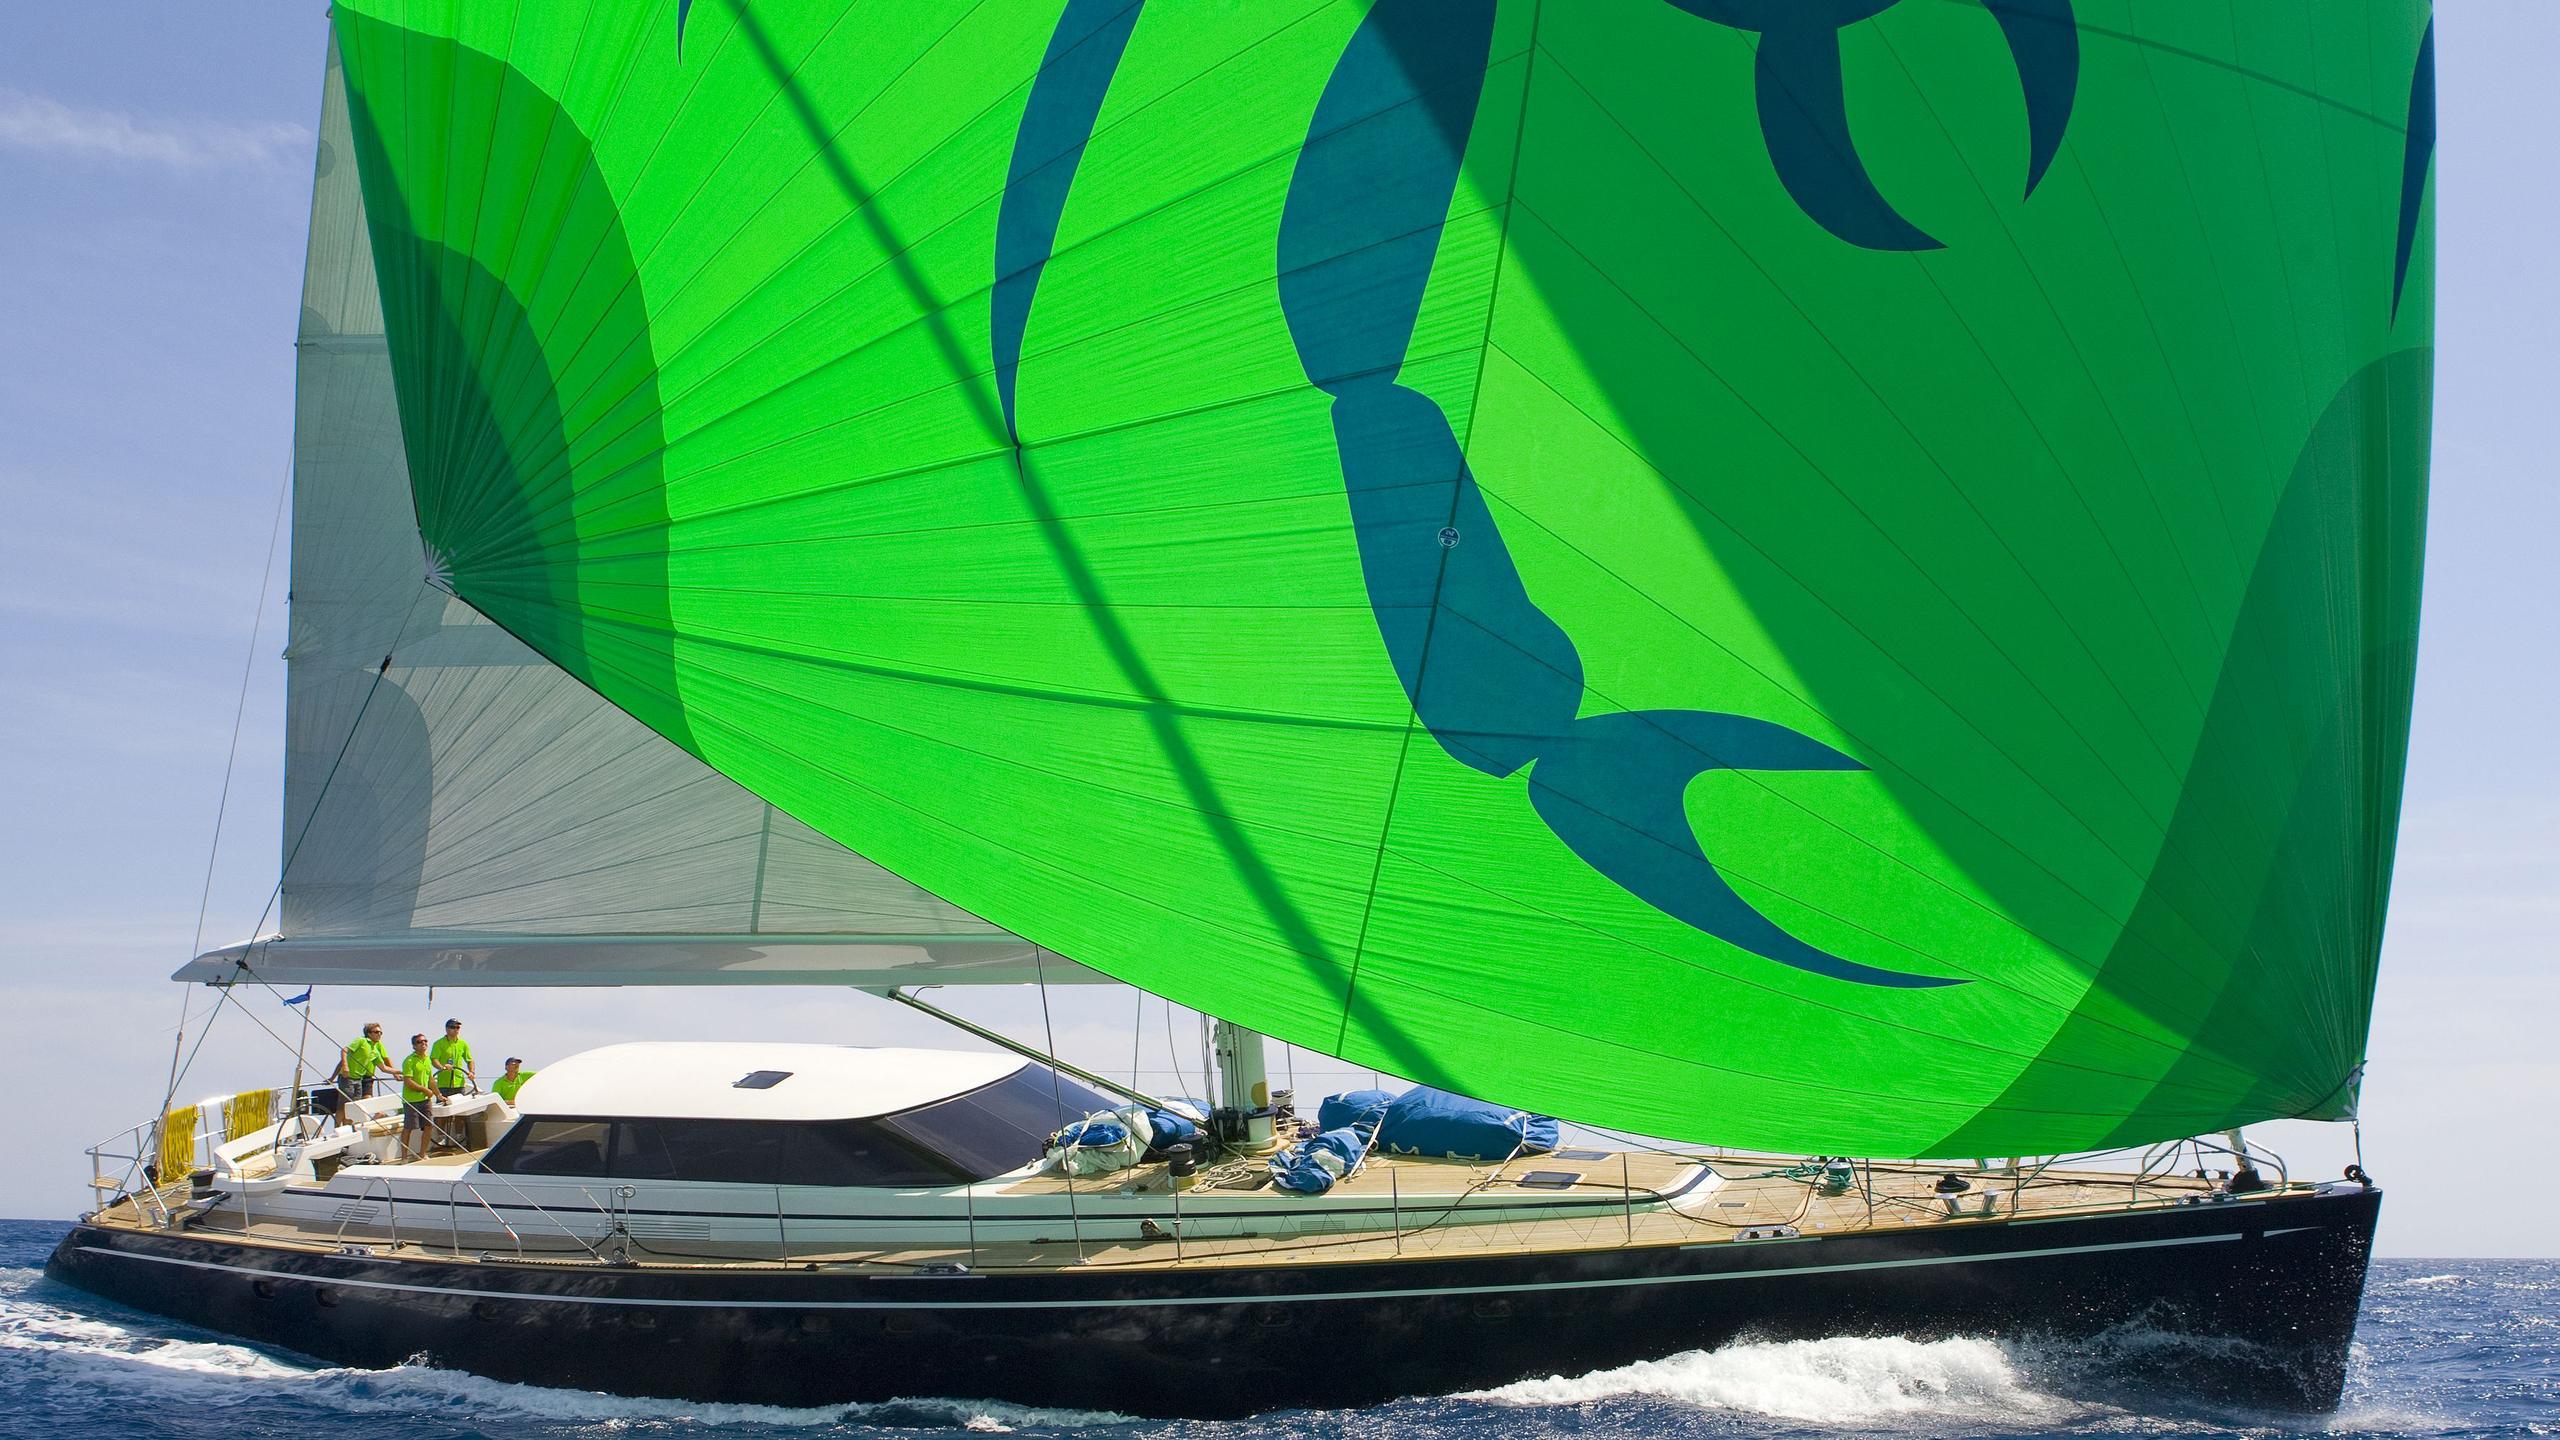 scorpione-dei-mari-yacht-for-sale-profile